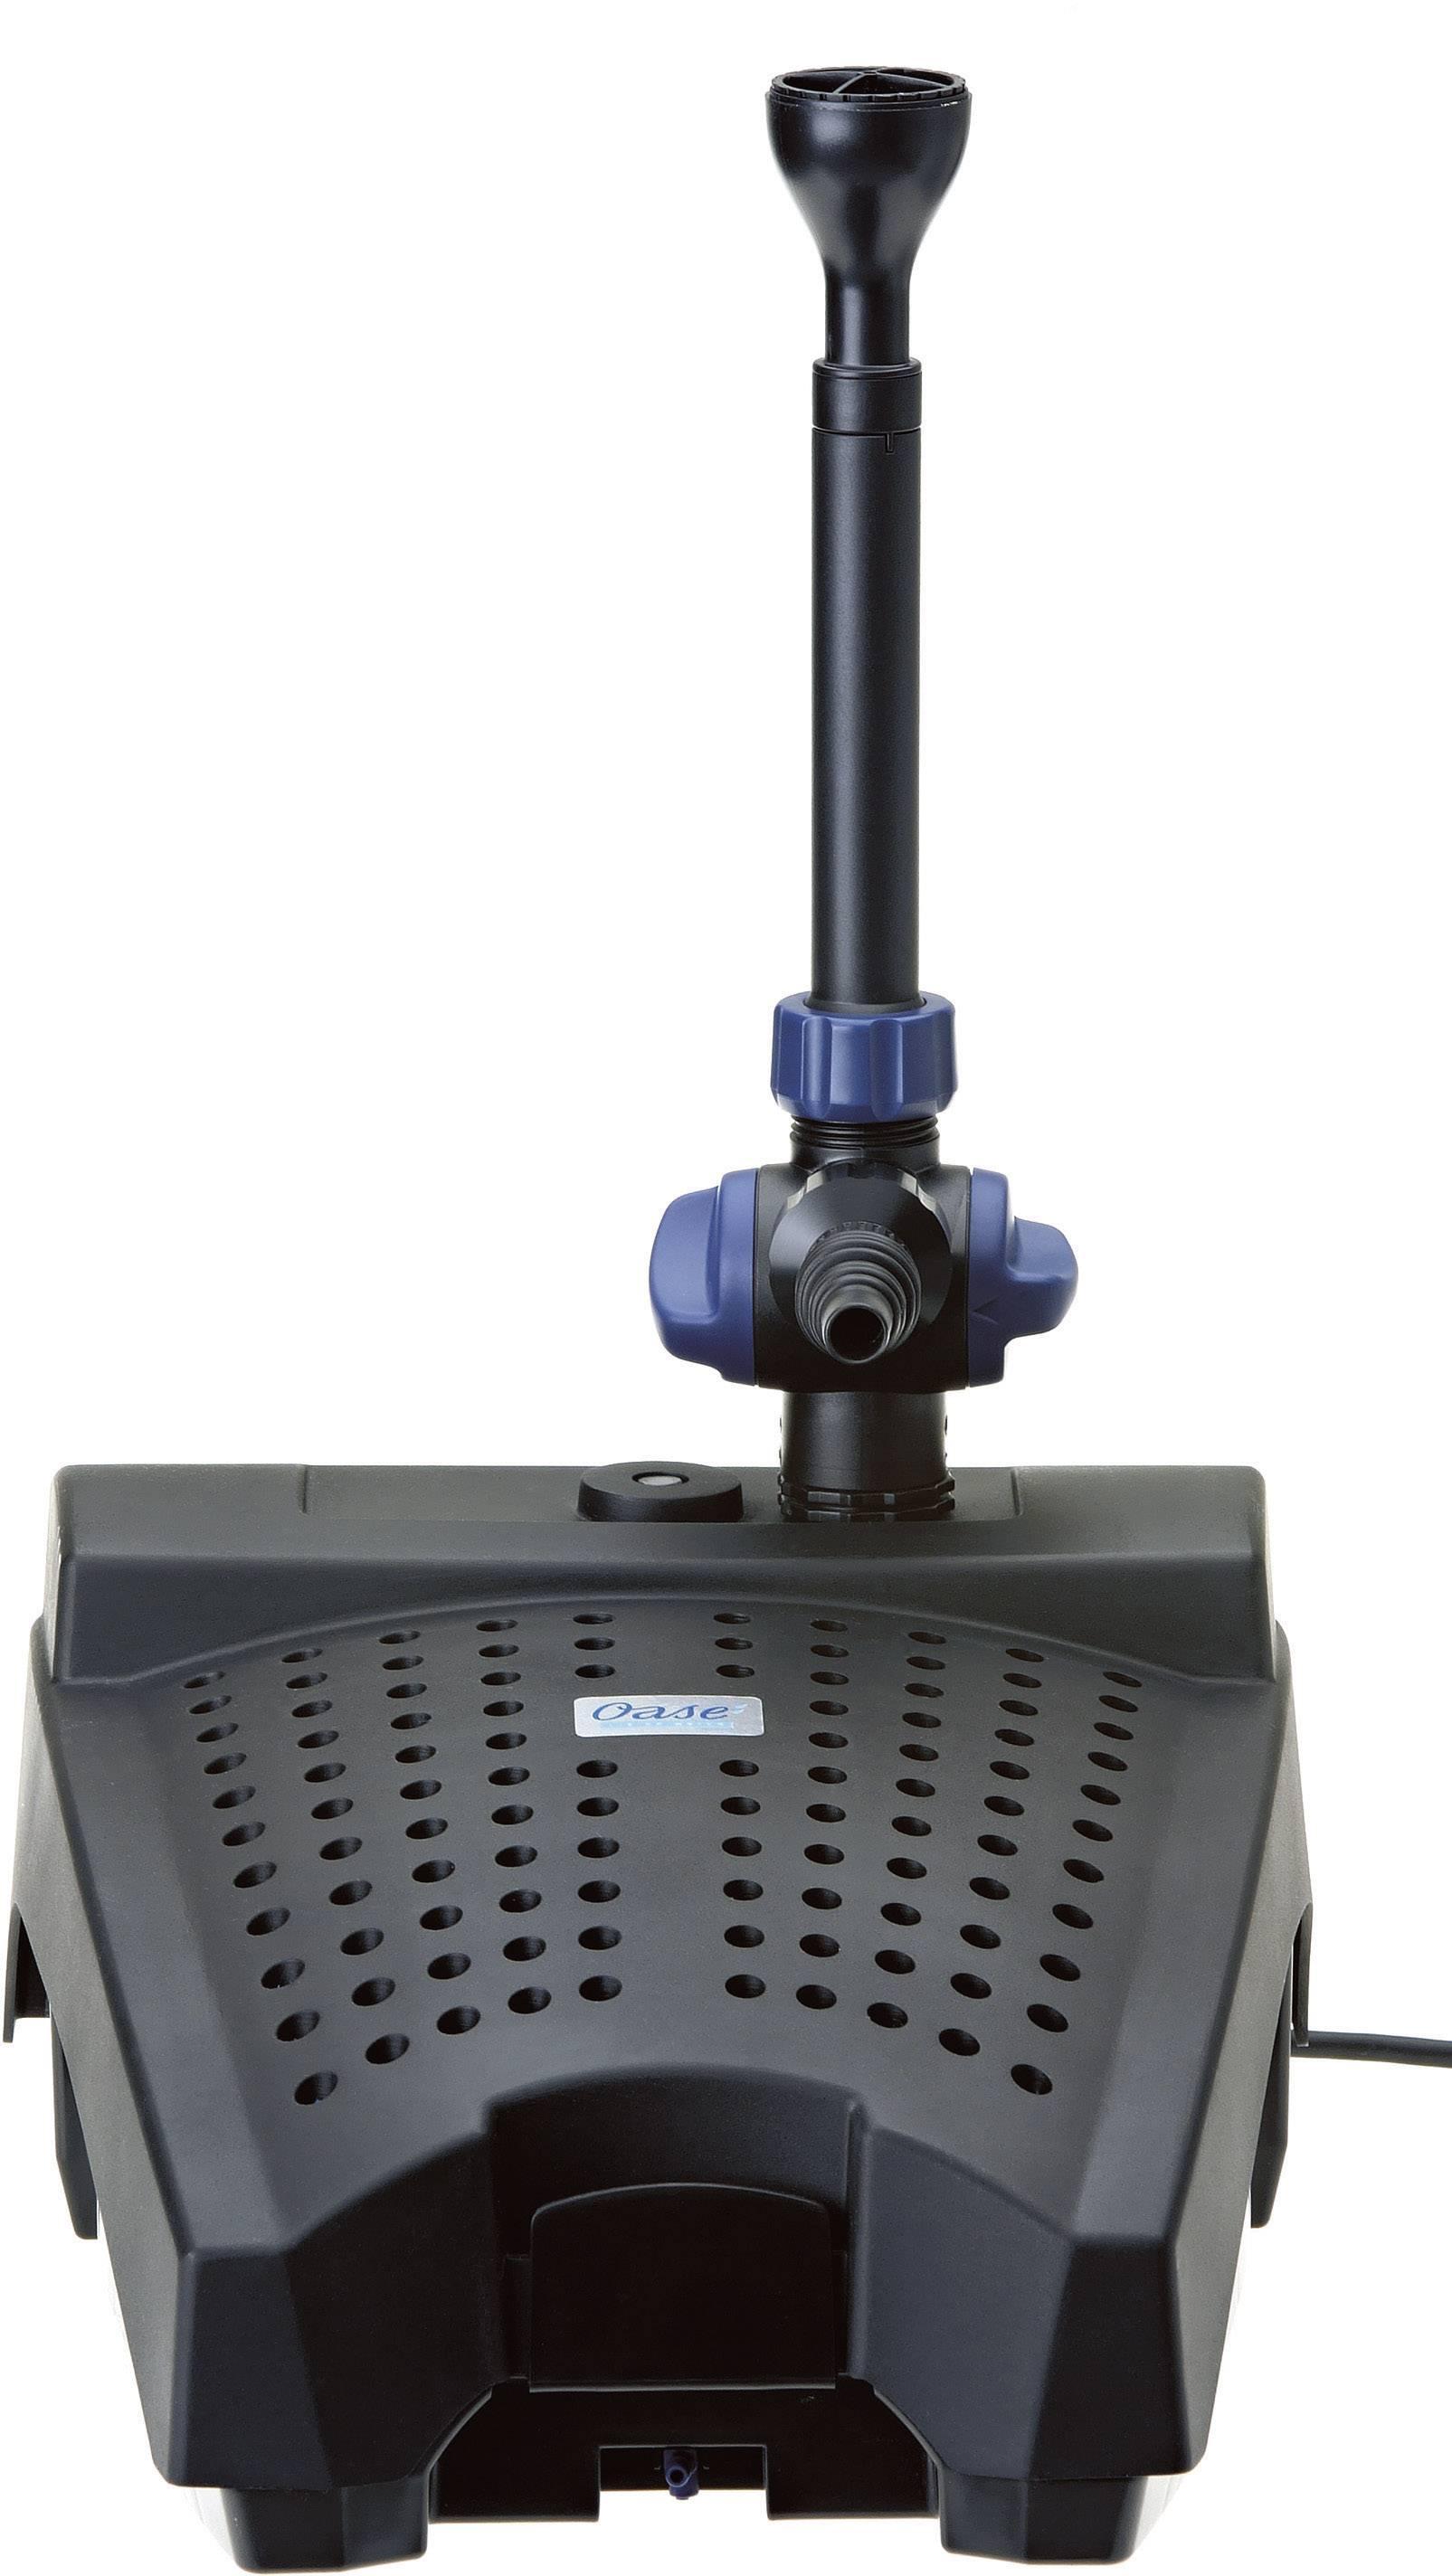 Tlakový filtr pro jezírka Oase Filtral 5000 UVC, 35 W